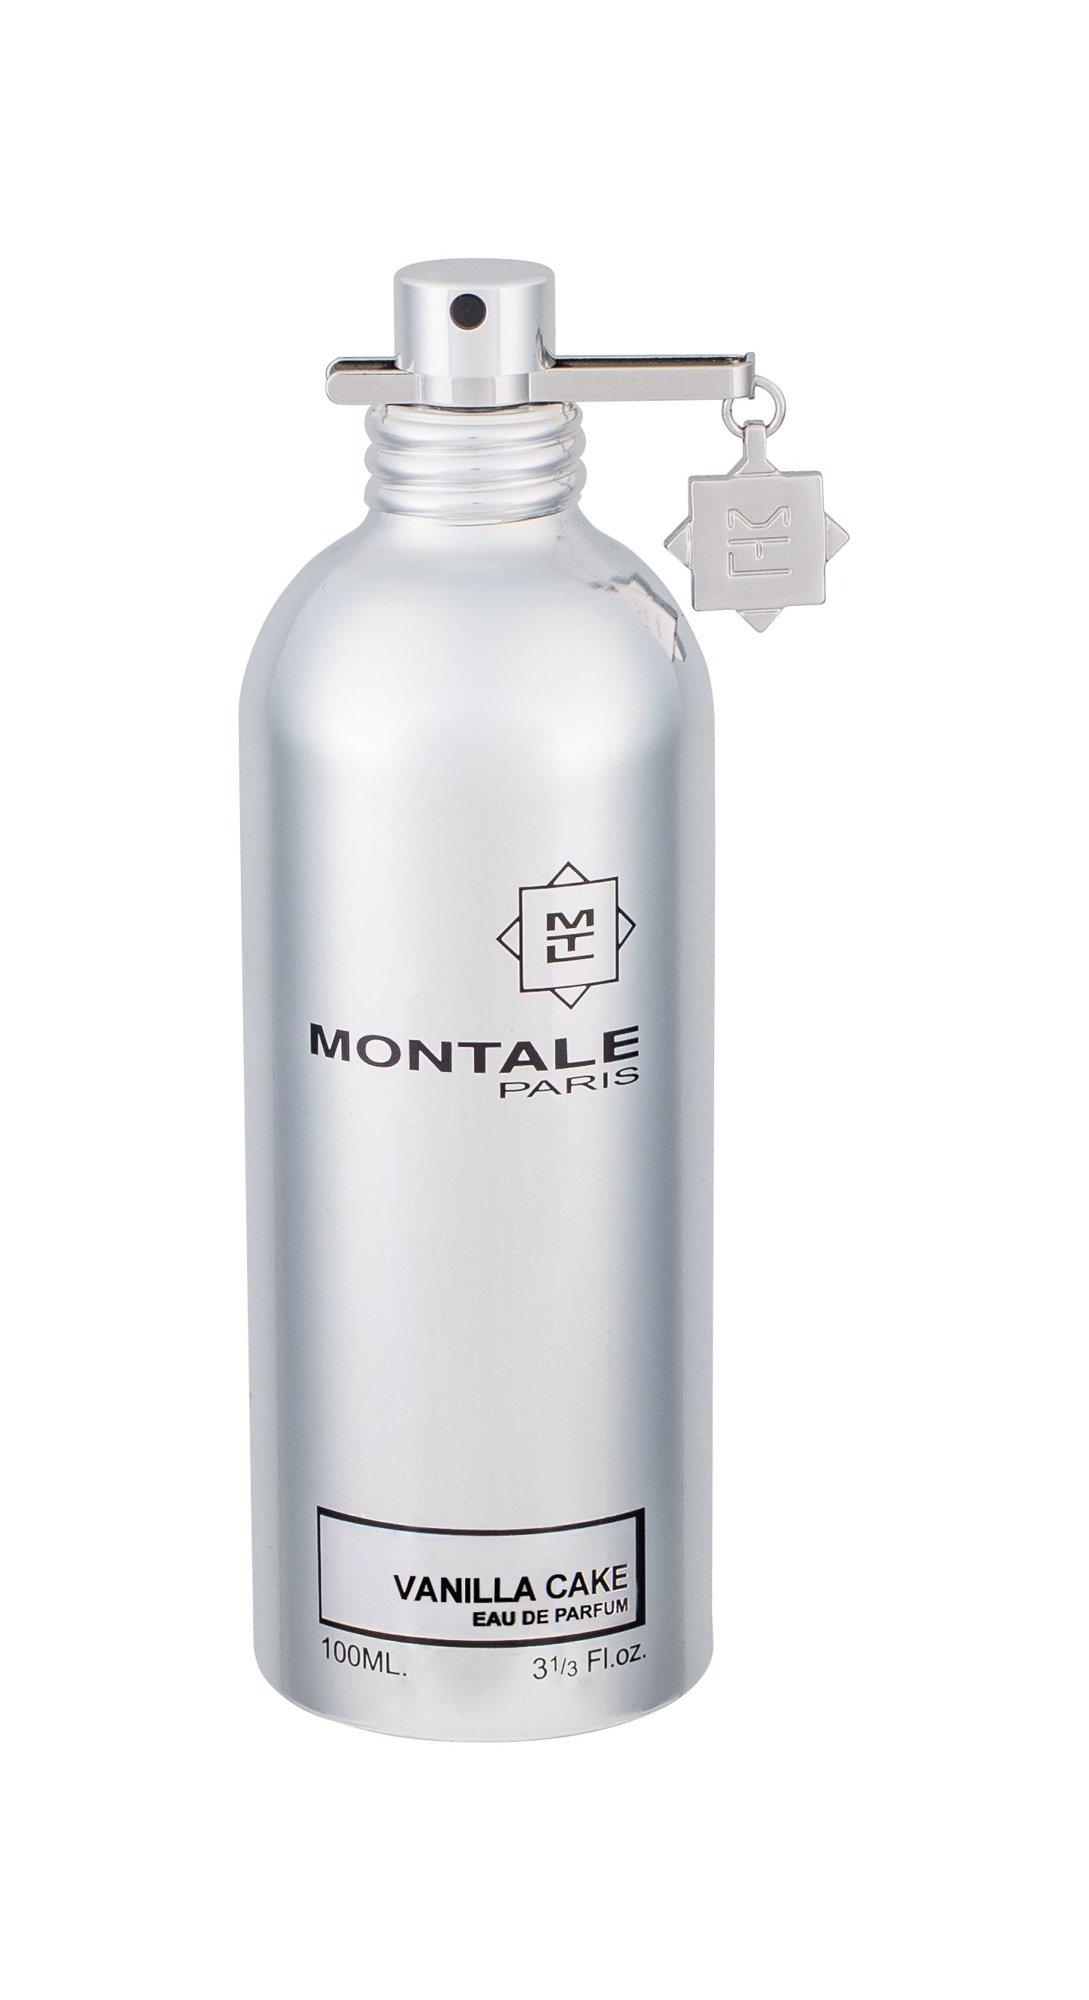 Montale Paris Vanilla Cake Eau de Parfum 100ml